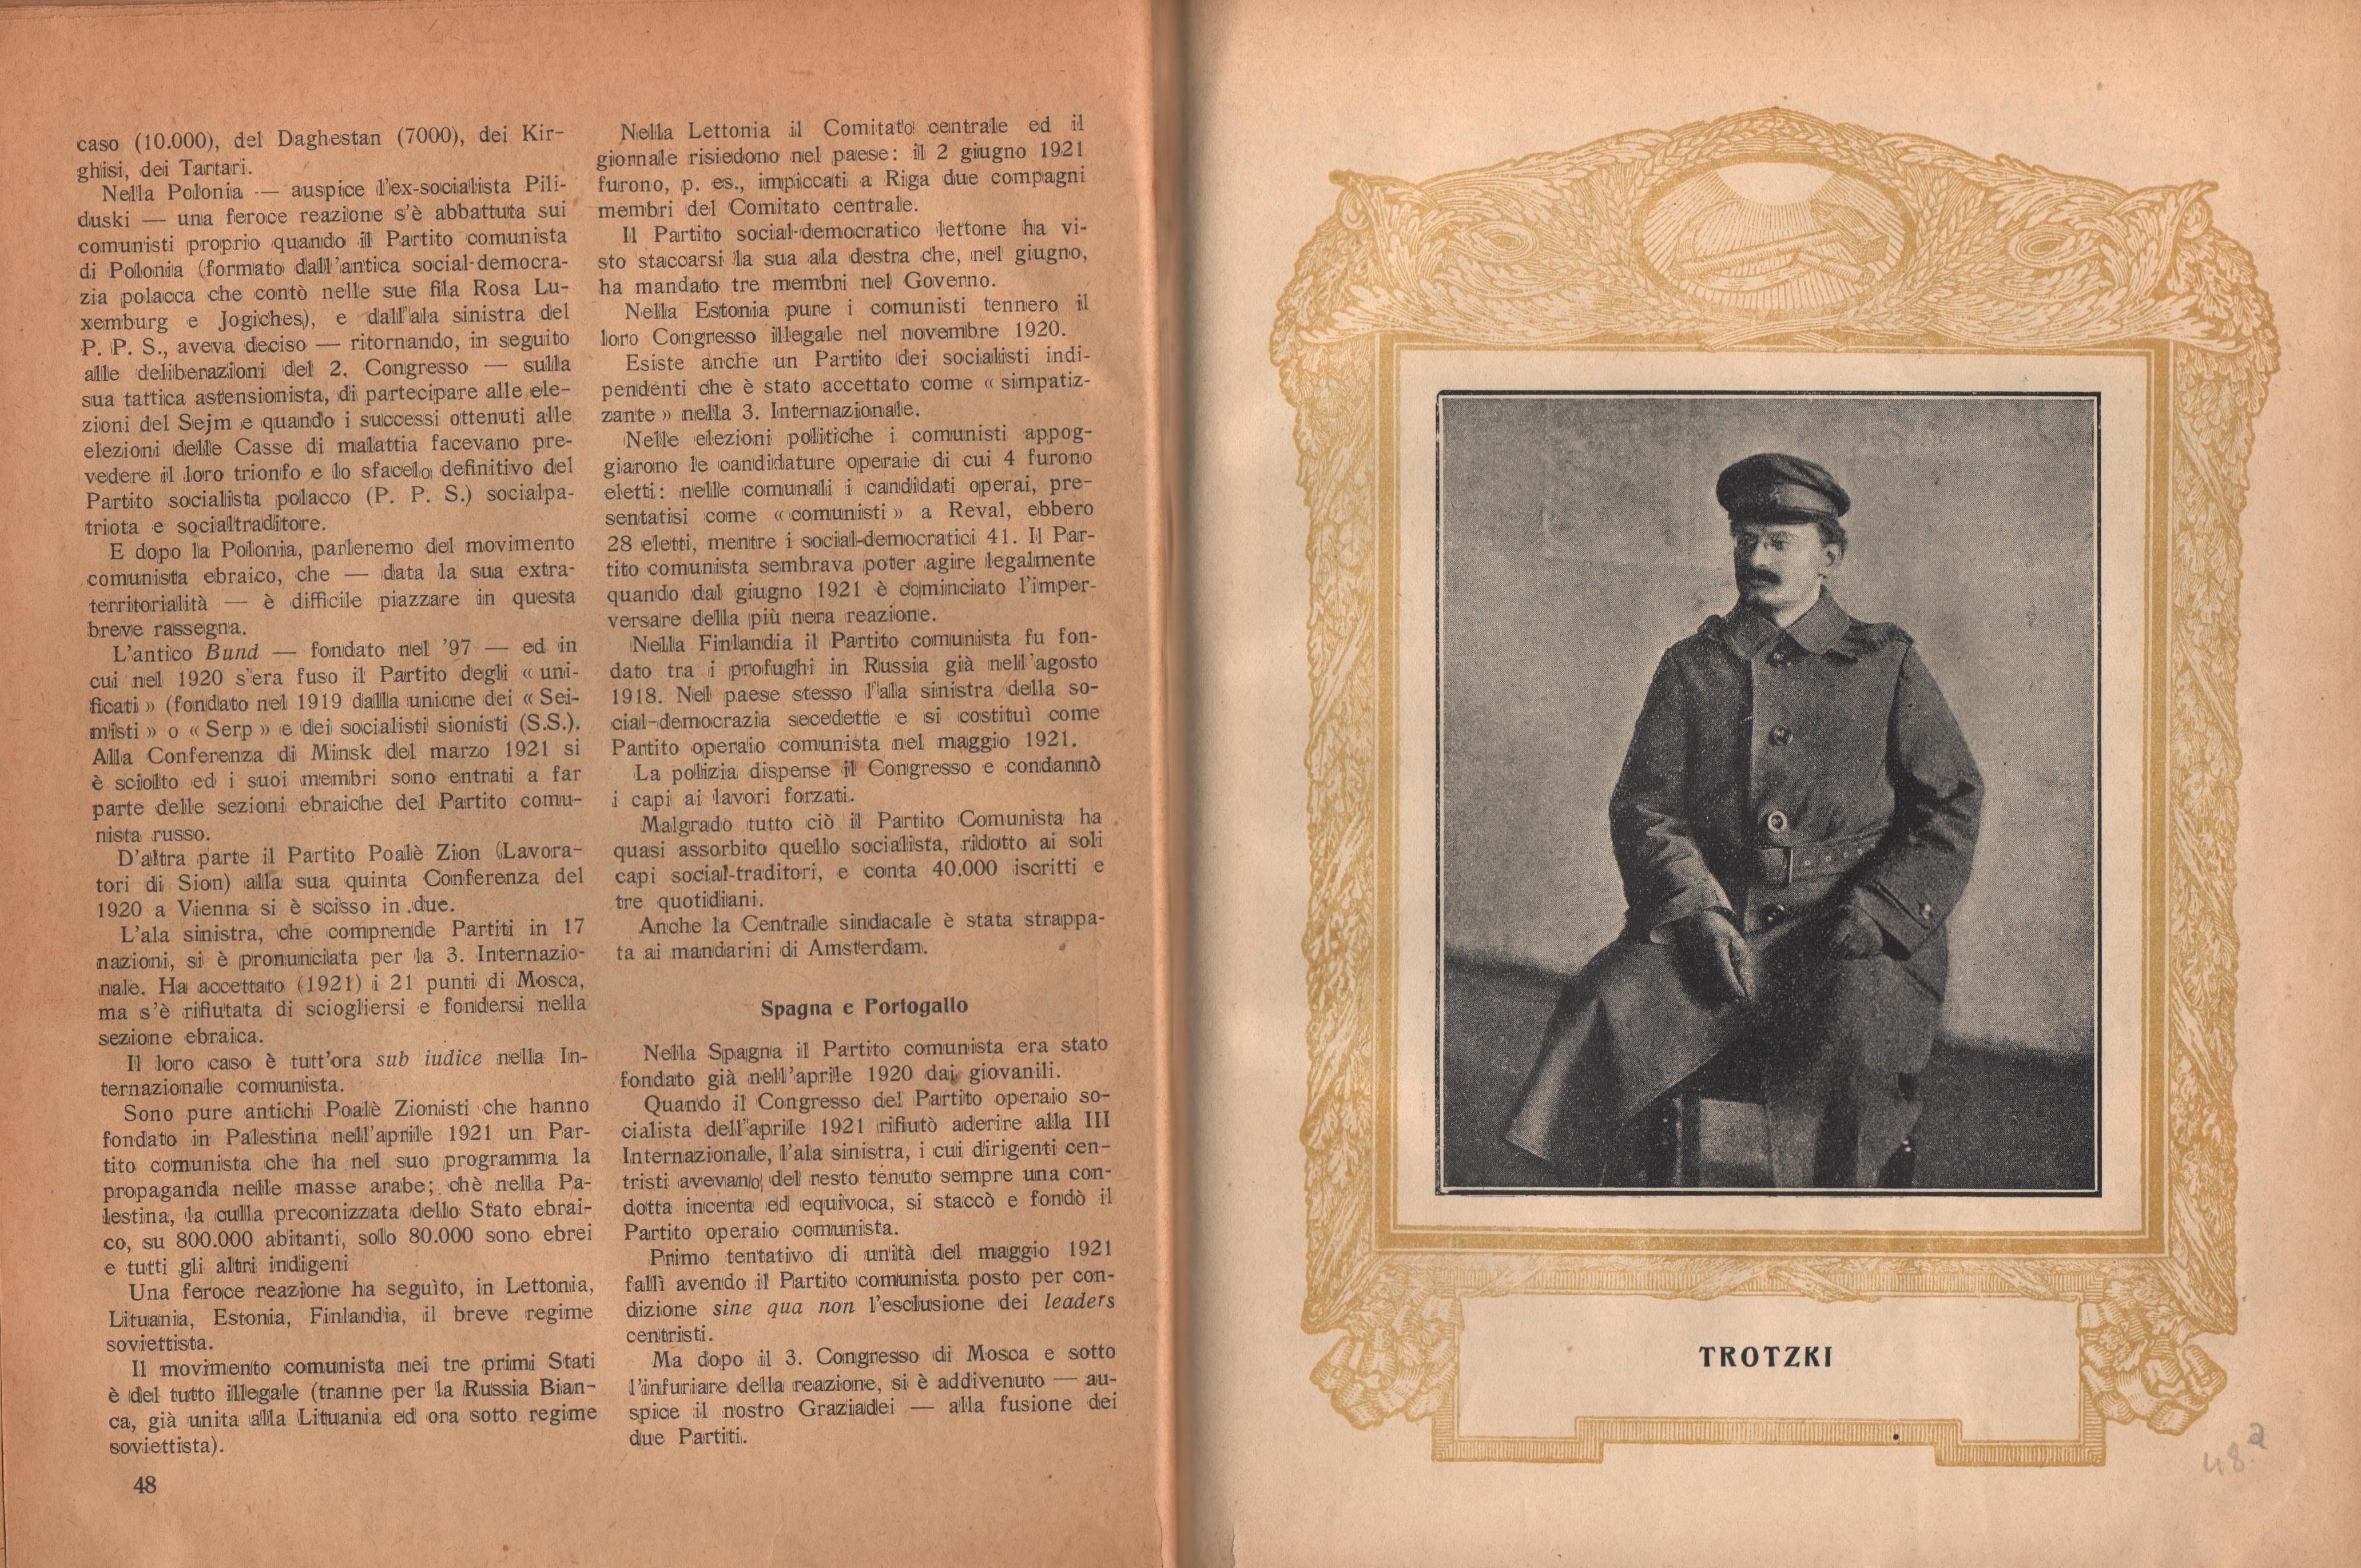 Almanacco comunista 1922 - pag. 29